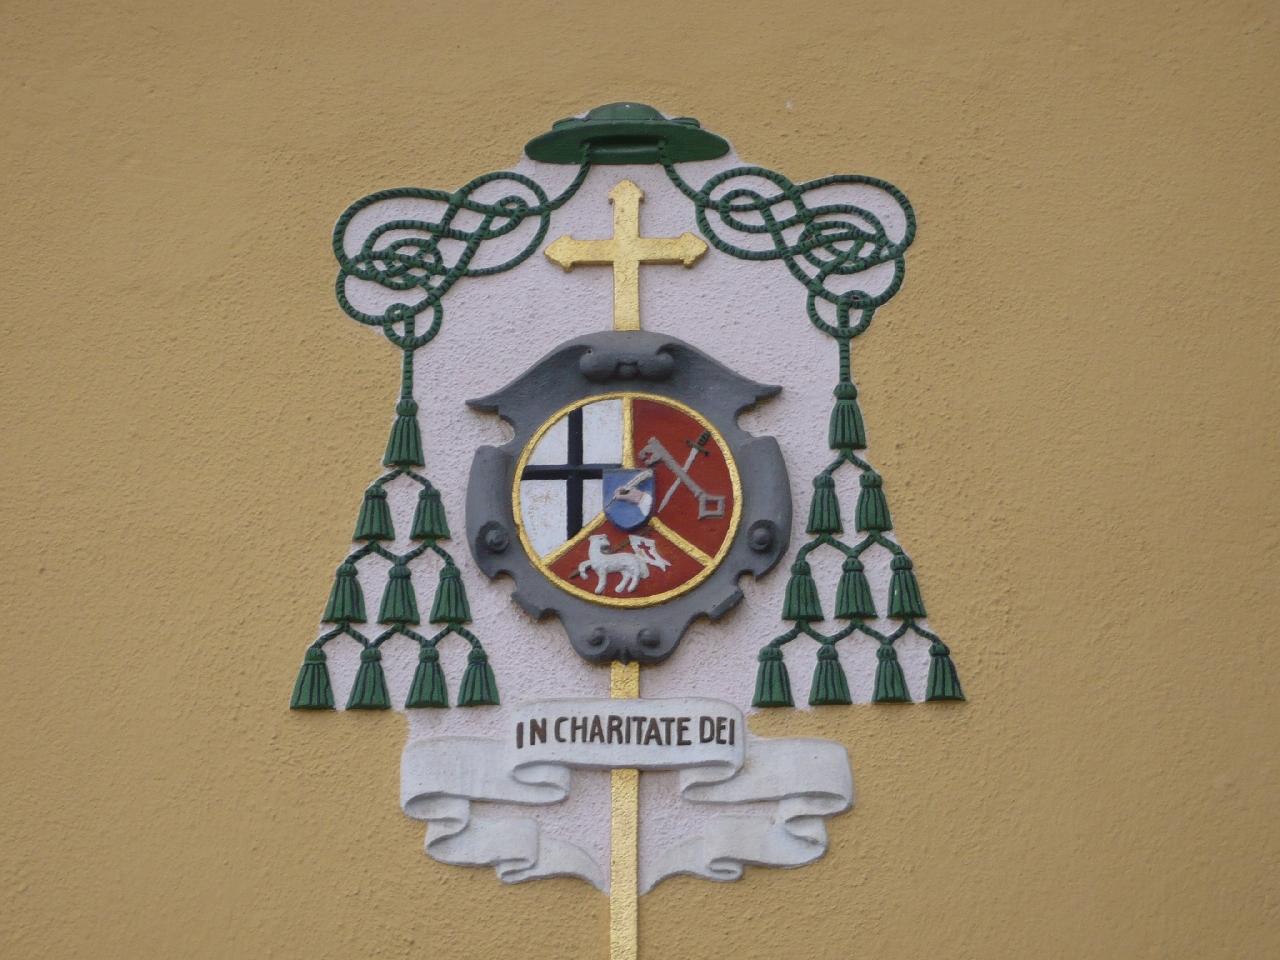 In Charitate Dei